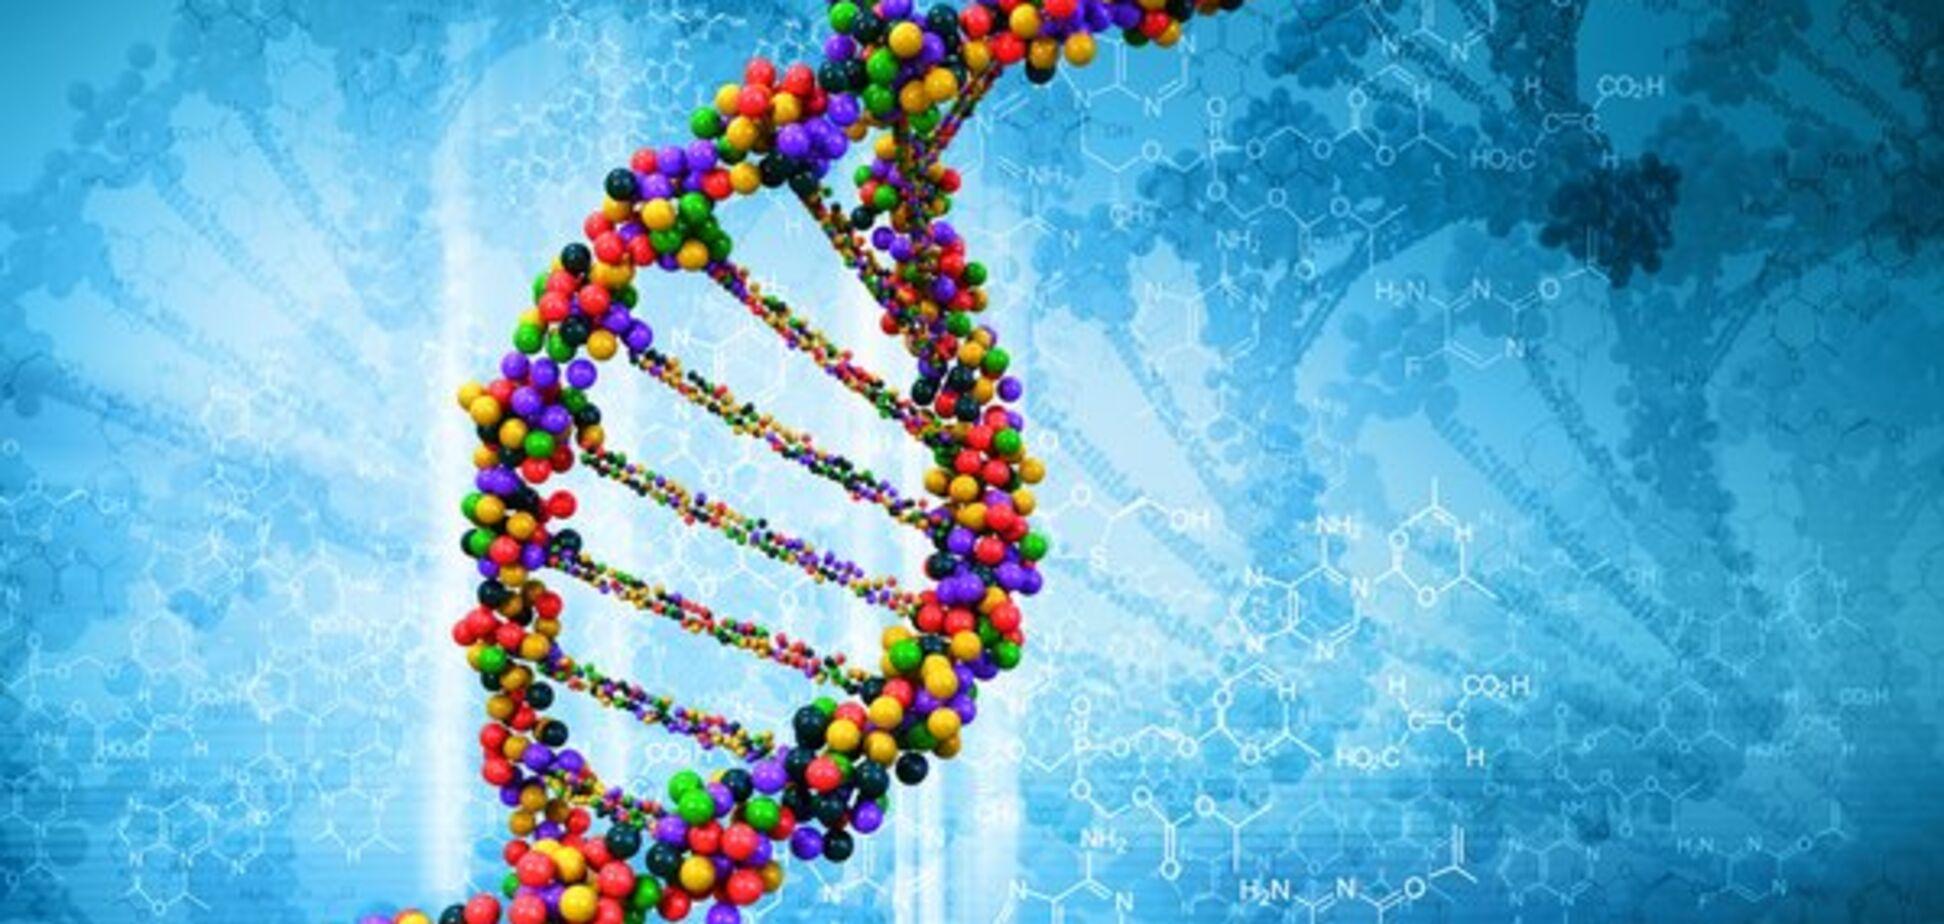 ДНК и гены: строение и функции